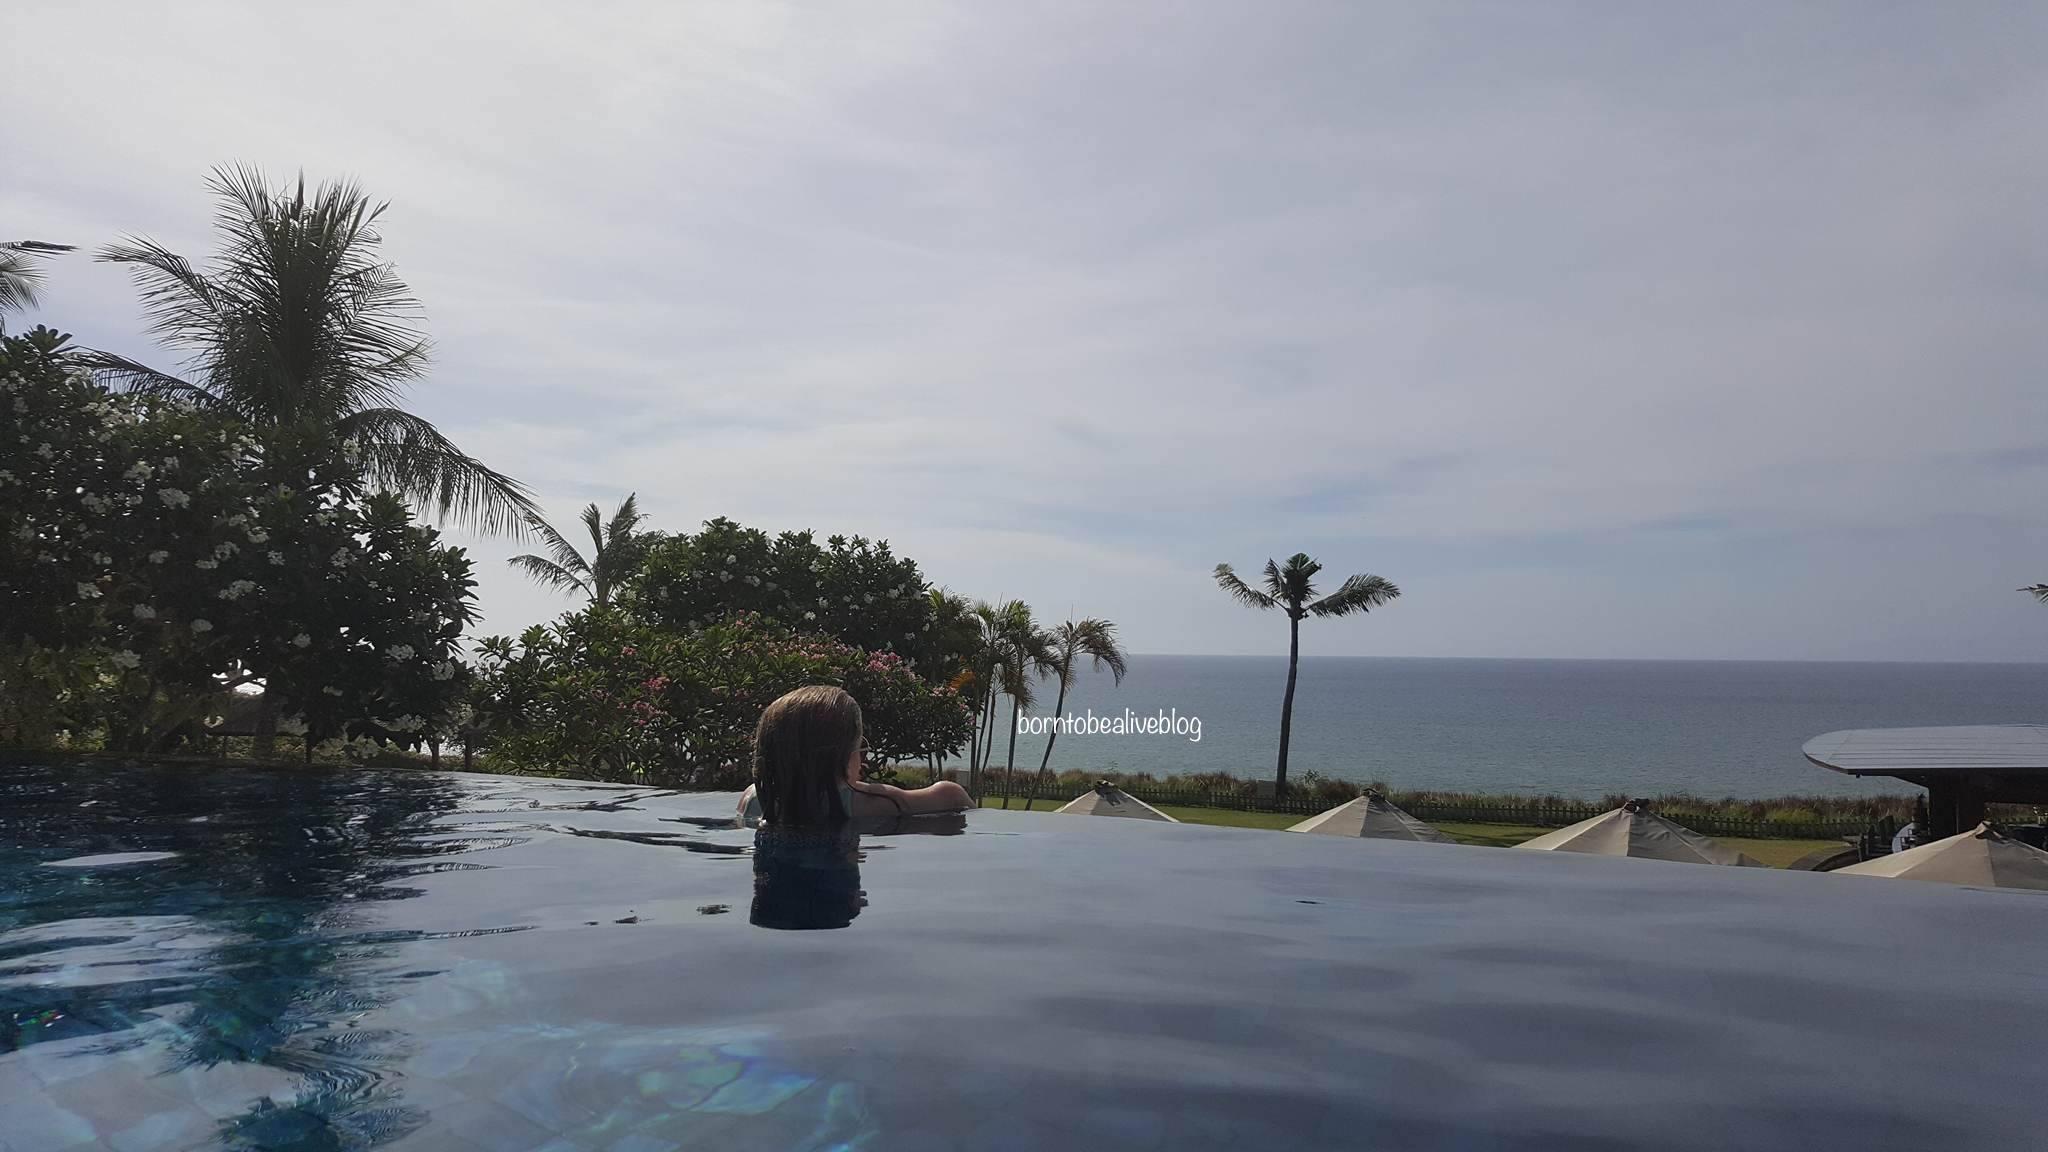 Infinity pool, Bali, Indonesia